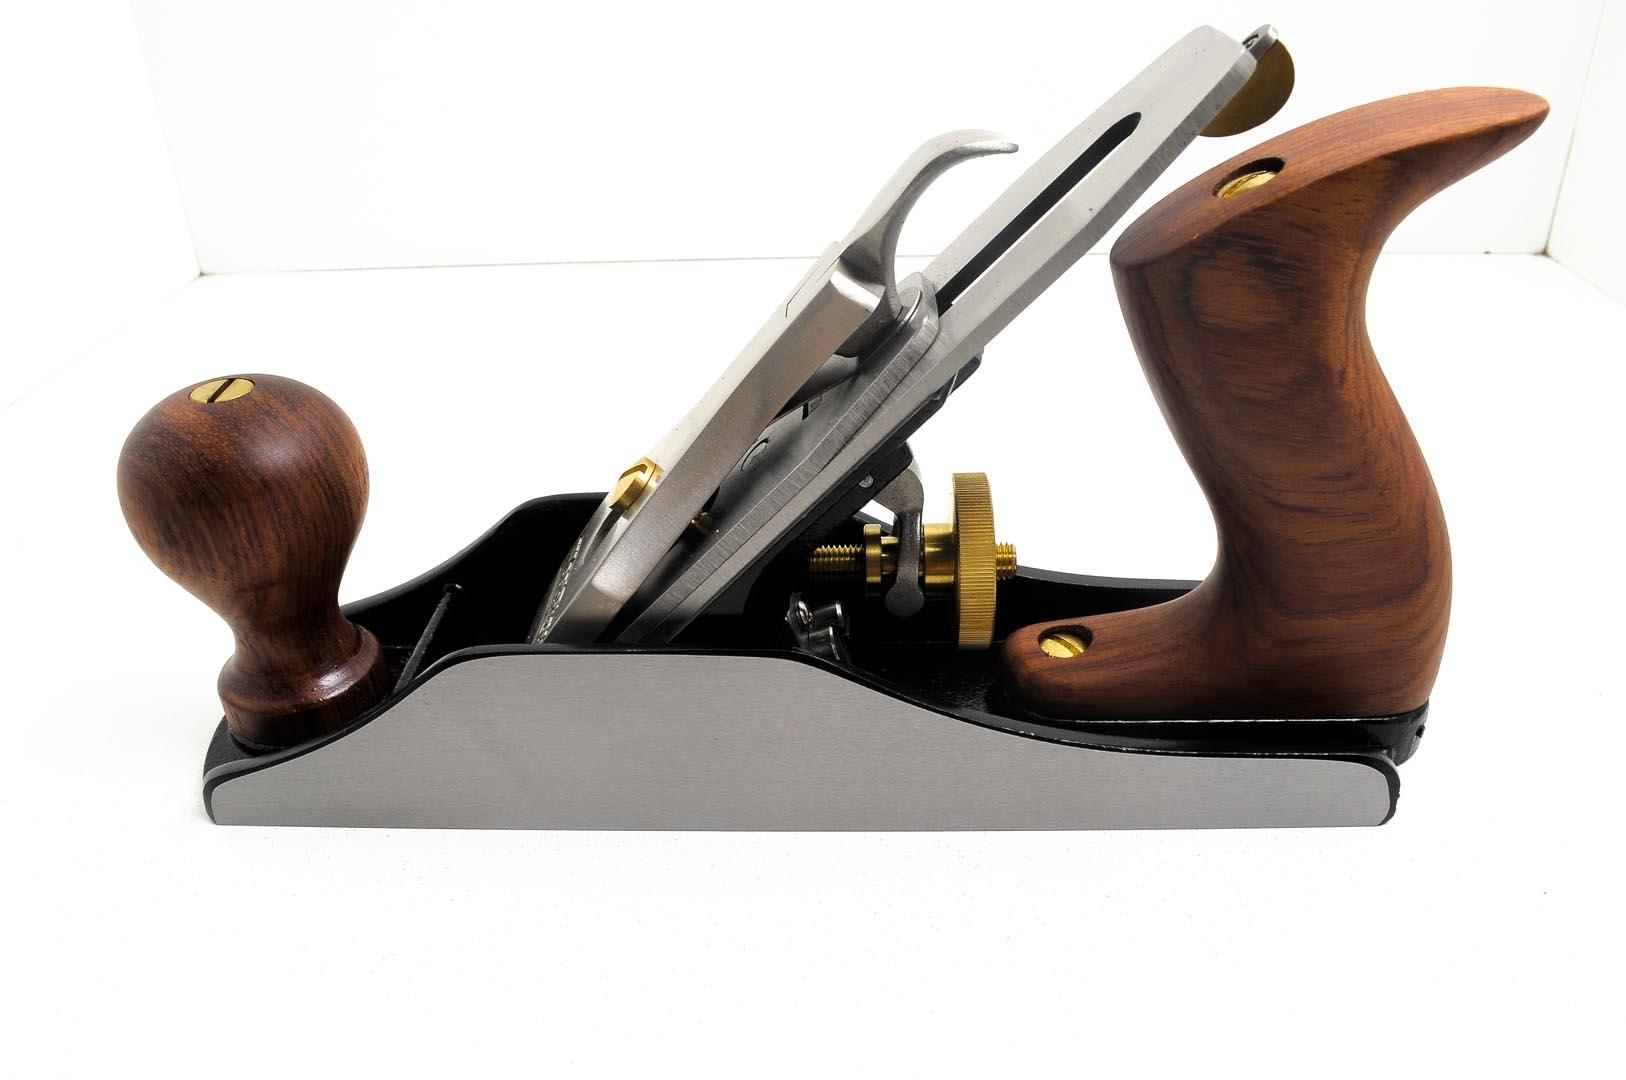 150873-Cepillo 3 bedrock de alisar manual de carpinteria WoodRiver 150873-max-3.